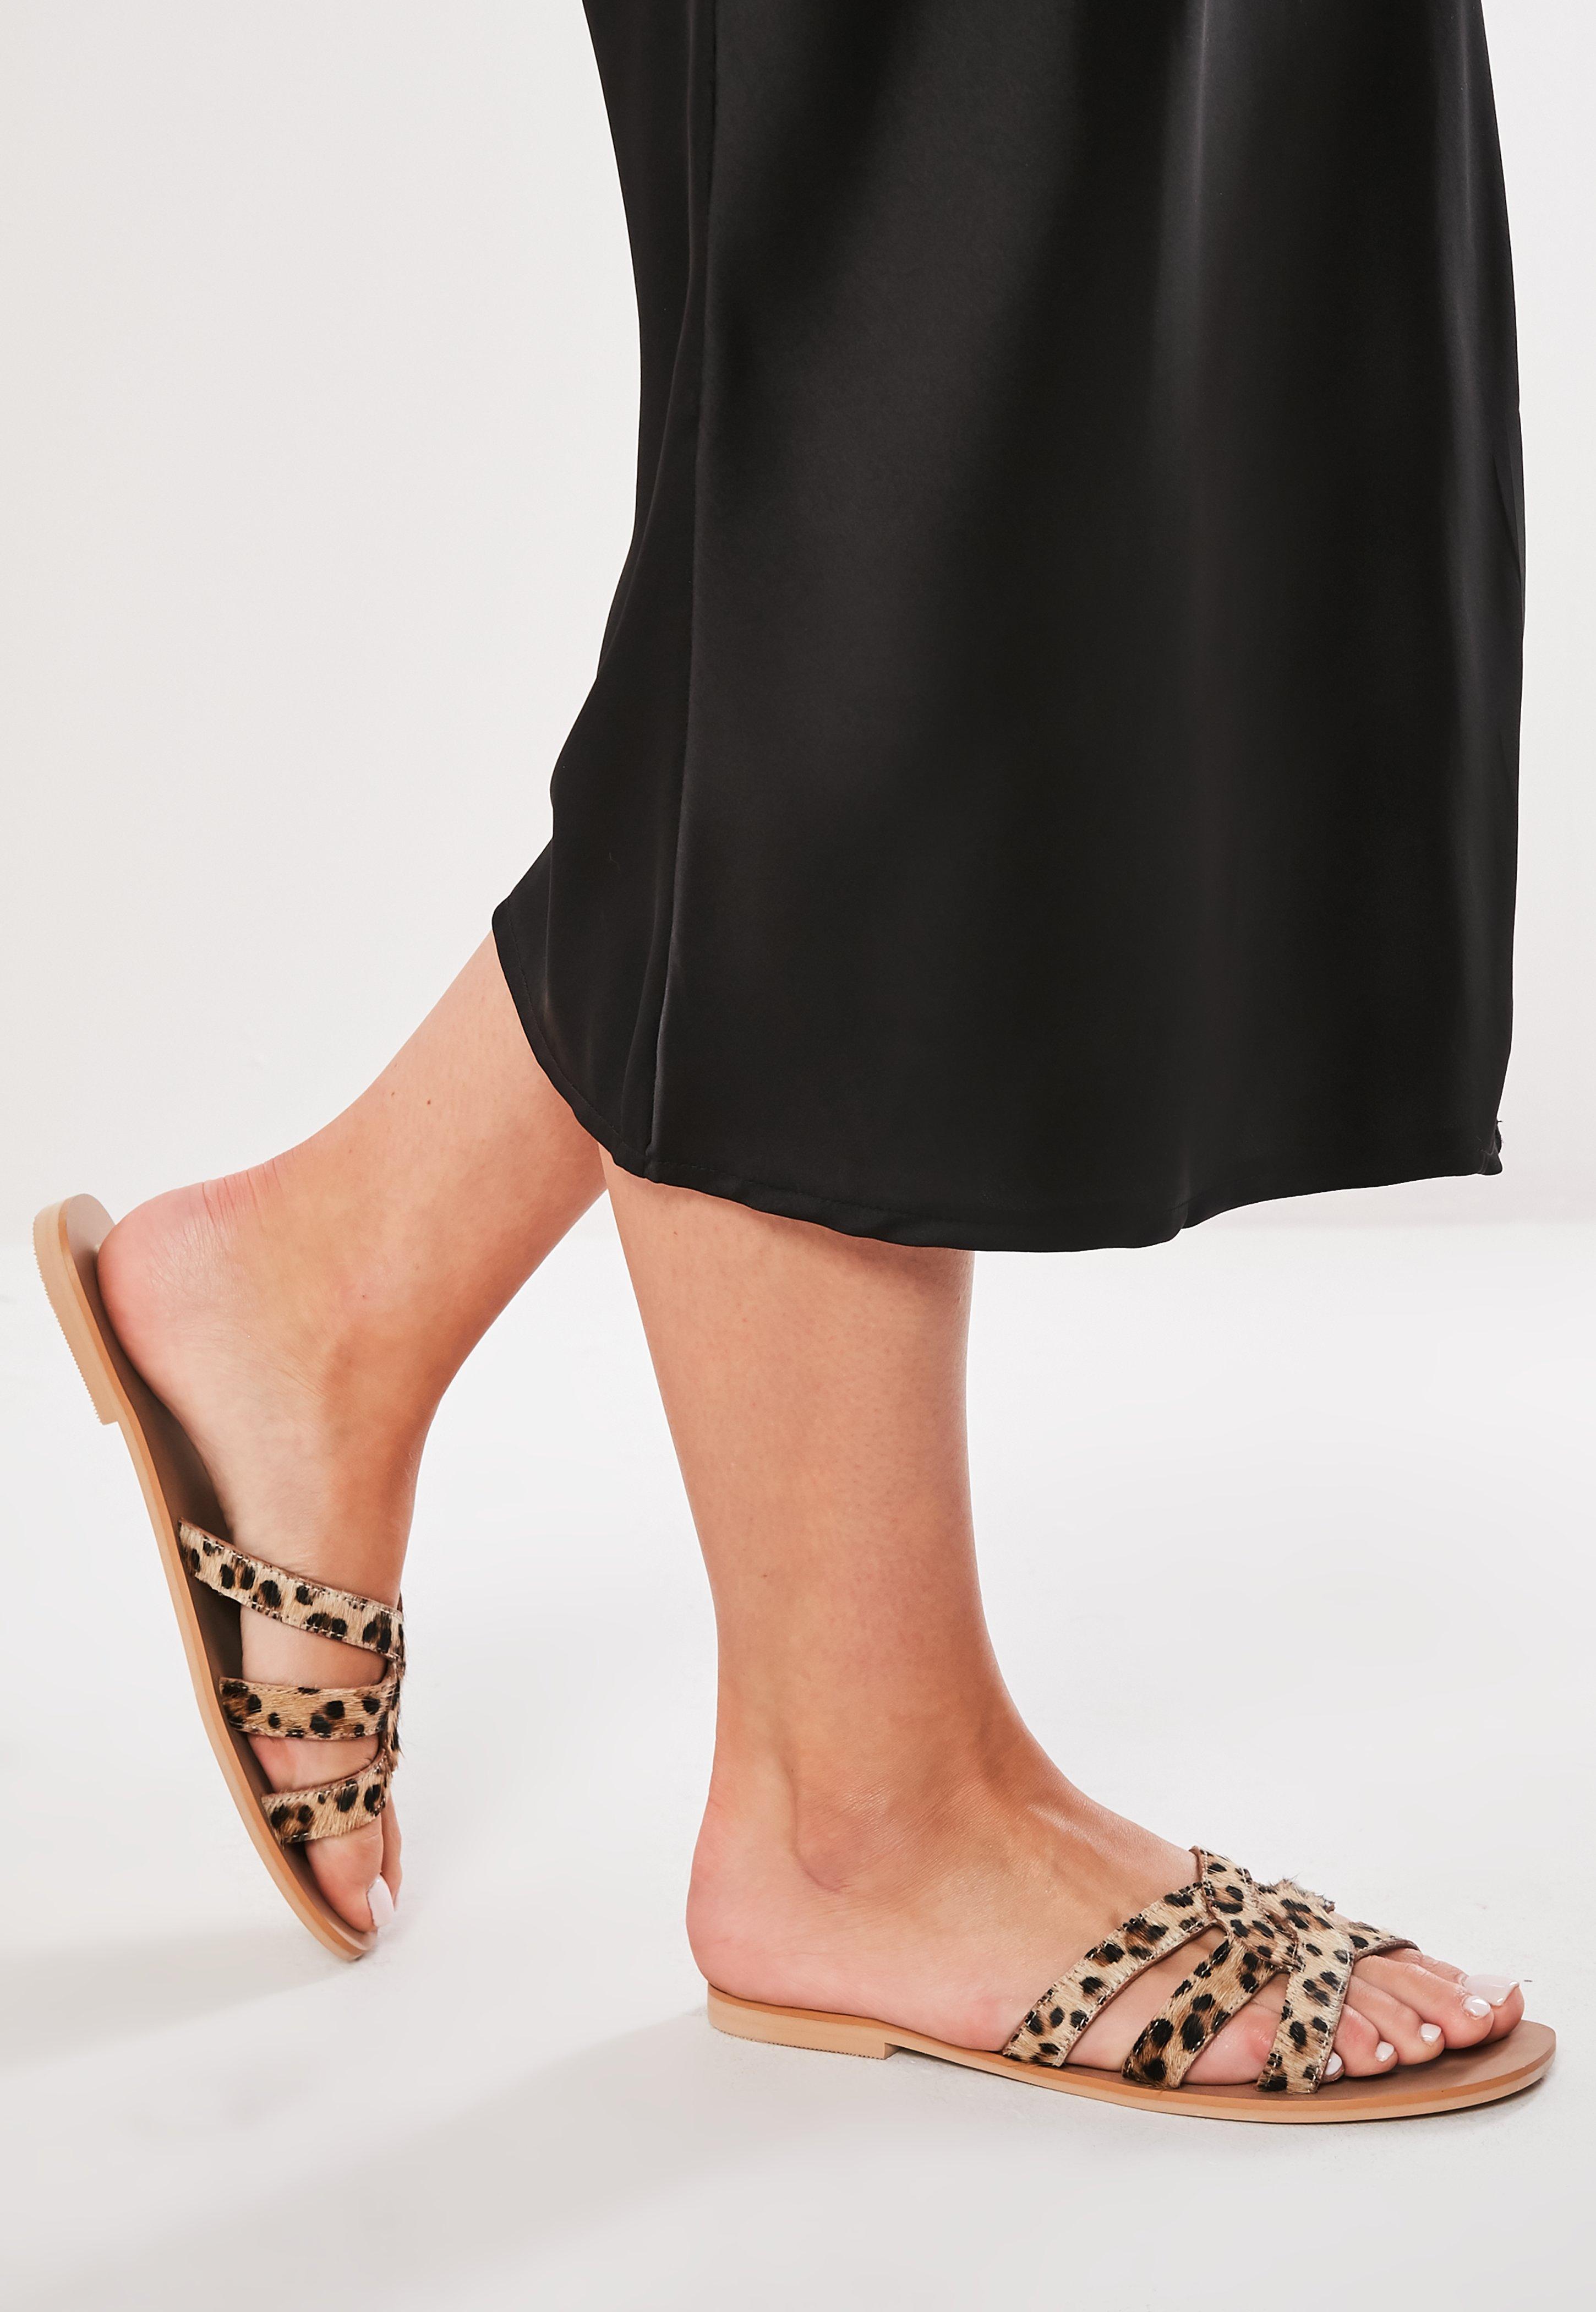 Sandalen Flache Mit In Braun Leopardenmuster TJlK135uFc